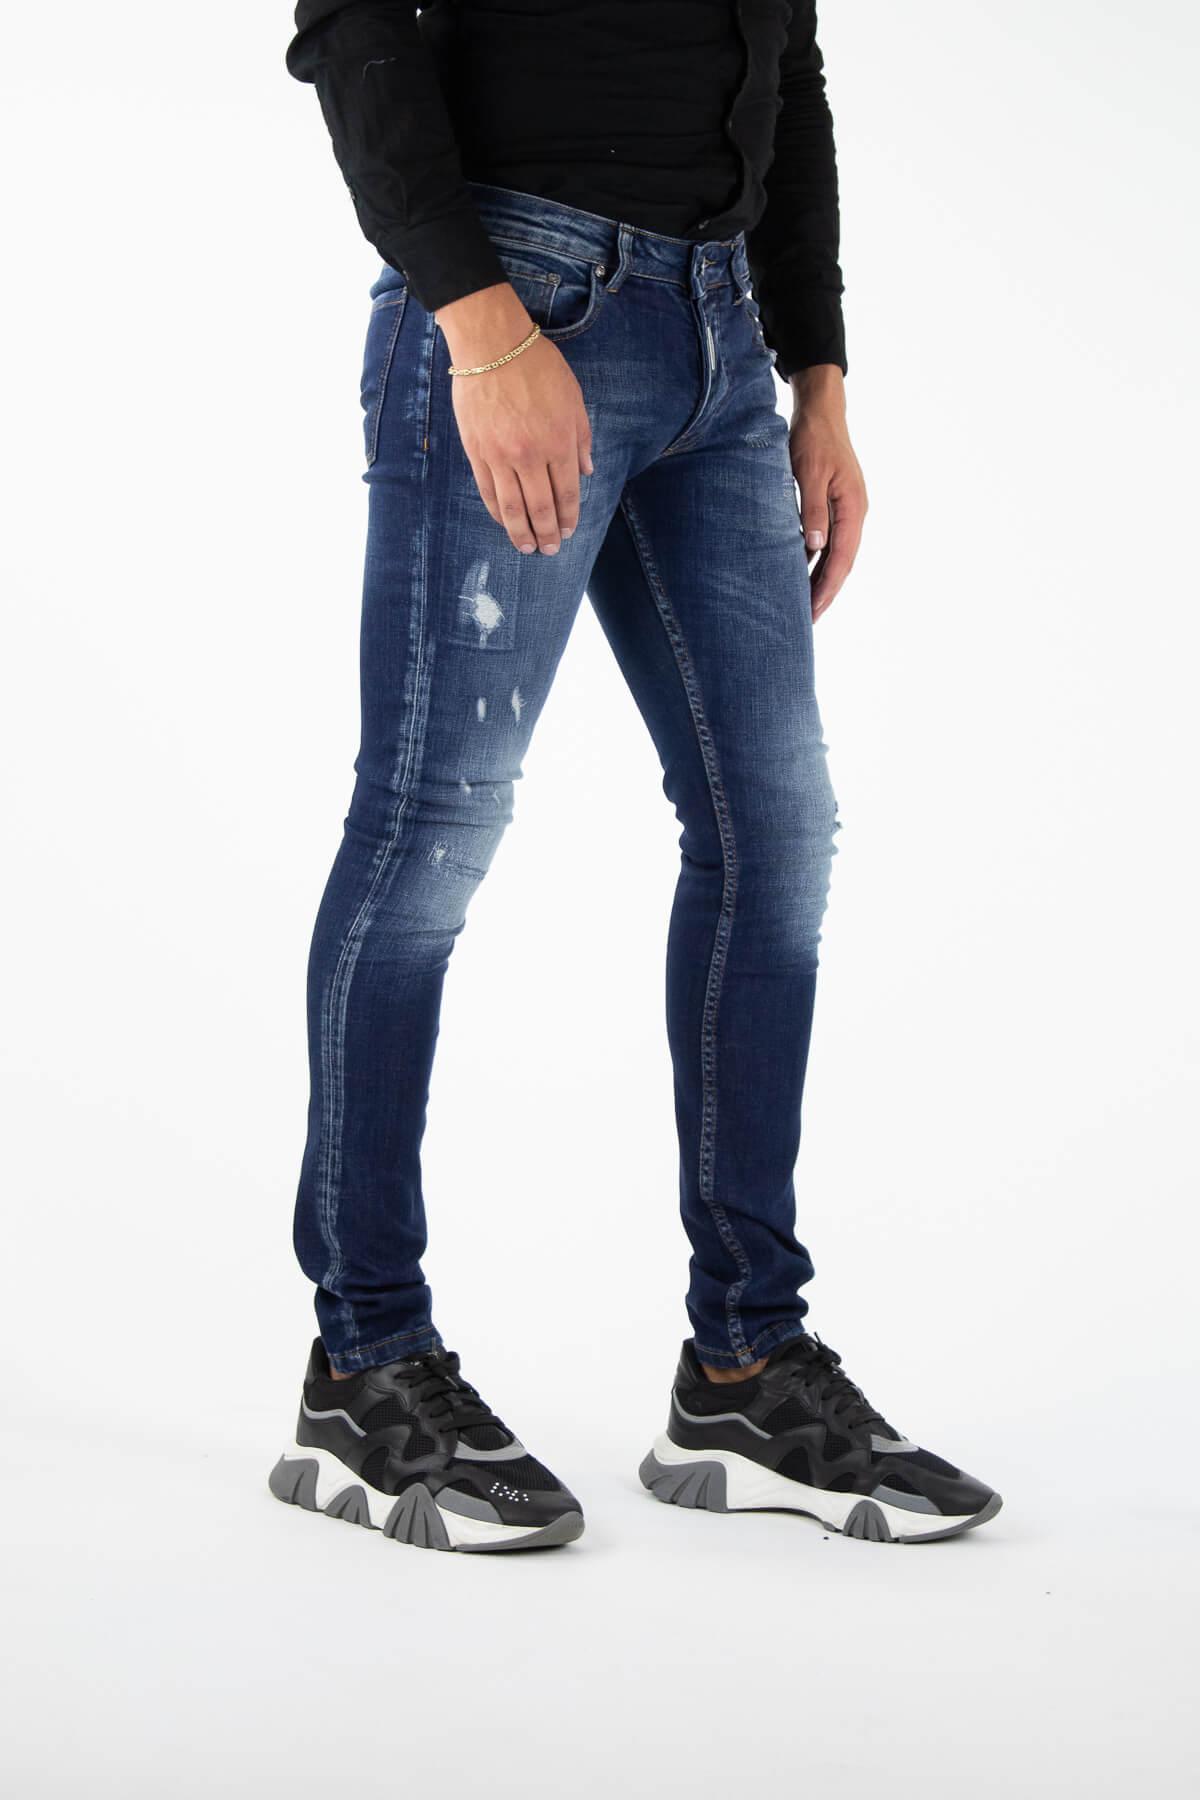 Sorrento Blue Jeans-2